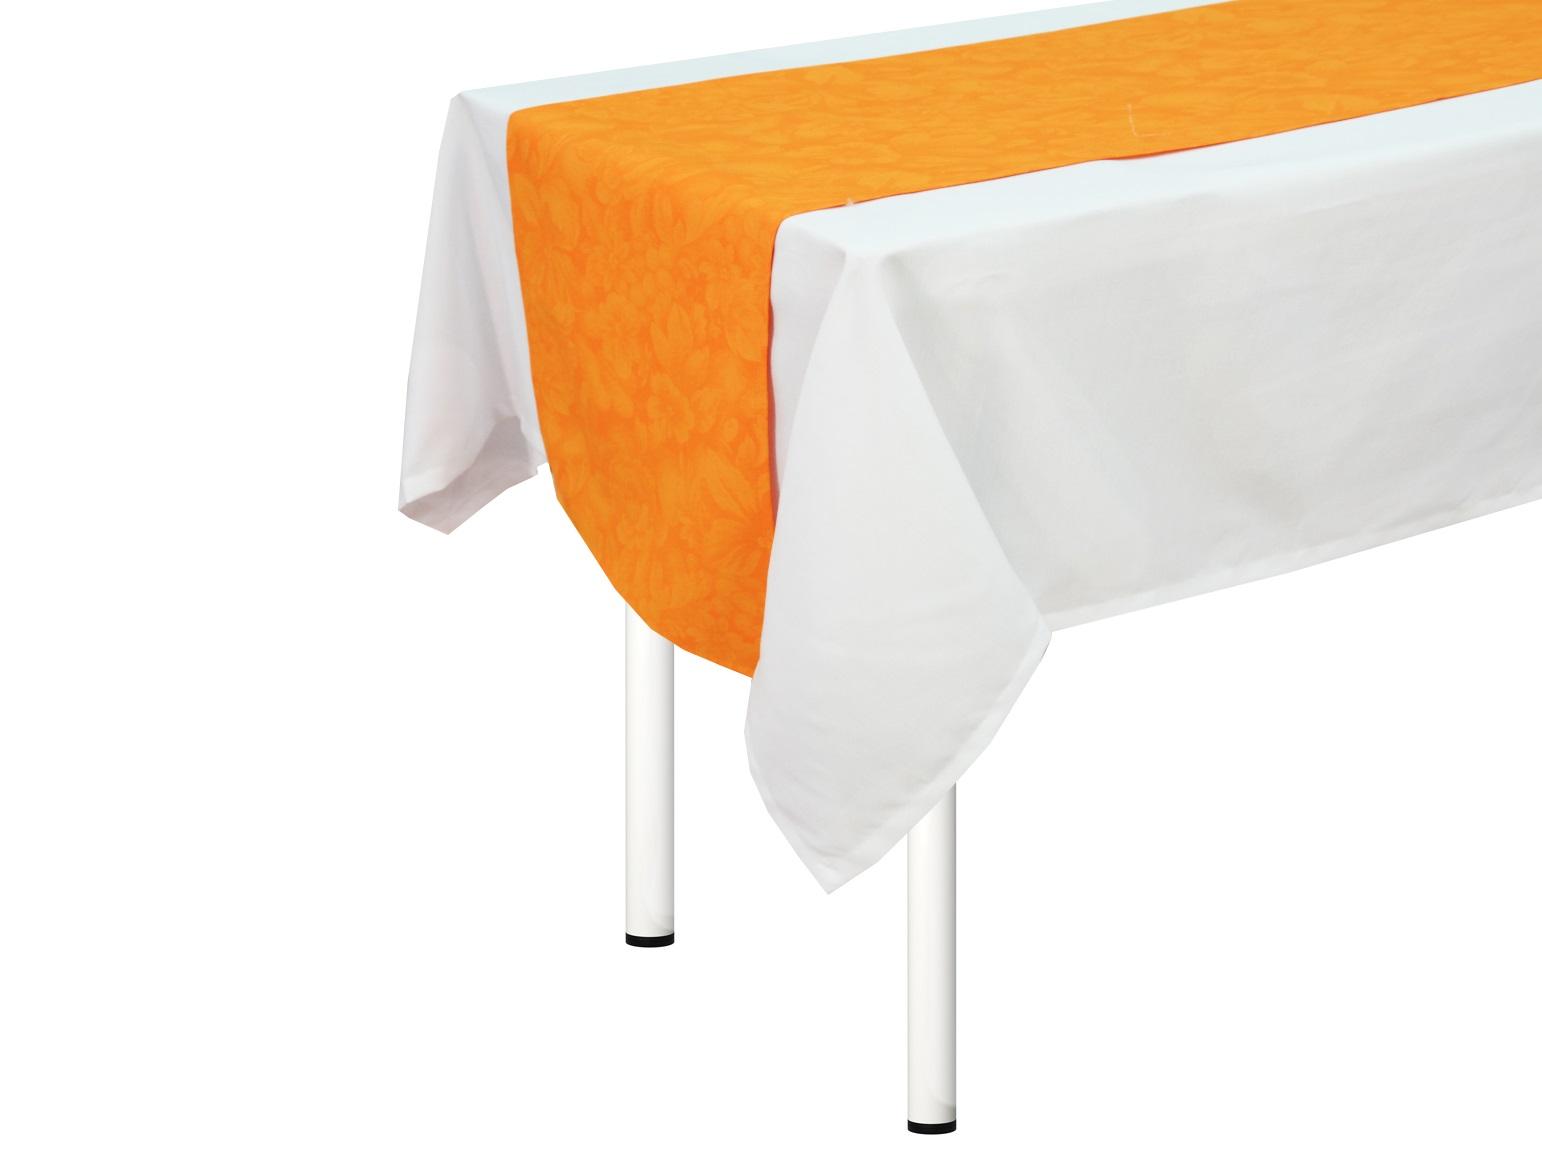 Дорожка на стол Lorret GaudyСкатерти<br>Скатерть узкая на стол. Подойдет для романтического стиля и настроения. Яркий дизайн. Ткань прочная ,износоустойчивая.<br><br>Material: Хлопок<br>Length см: None<br>Width см: 170<br>Height см: 40